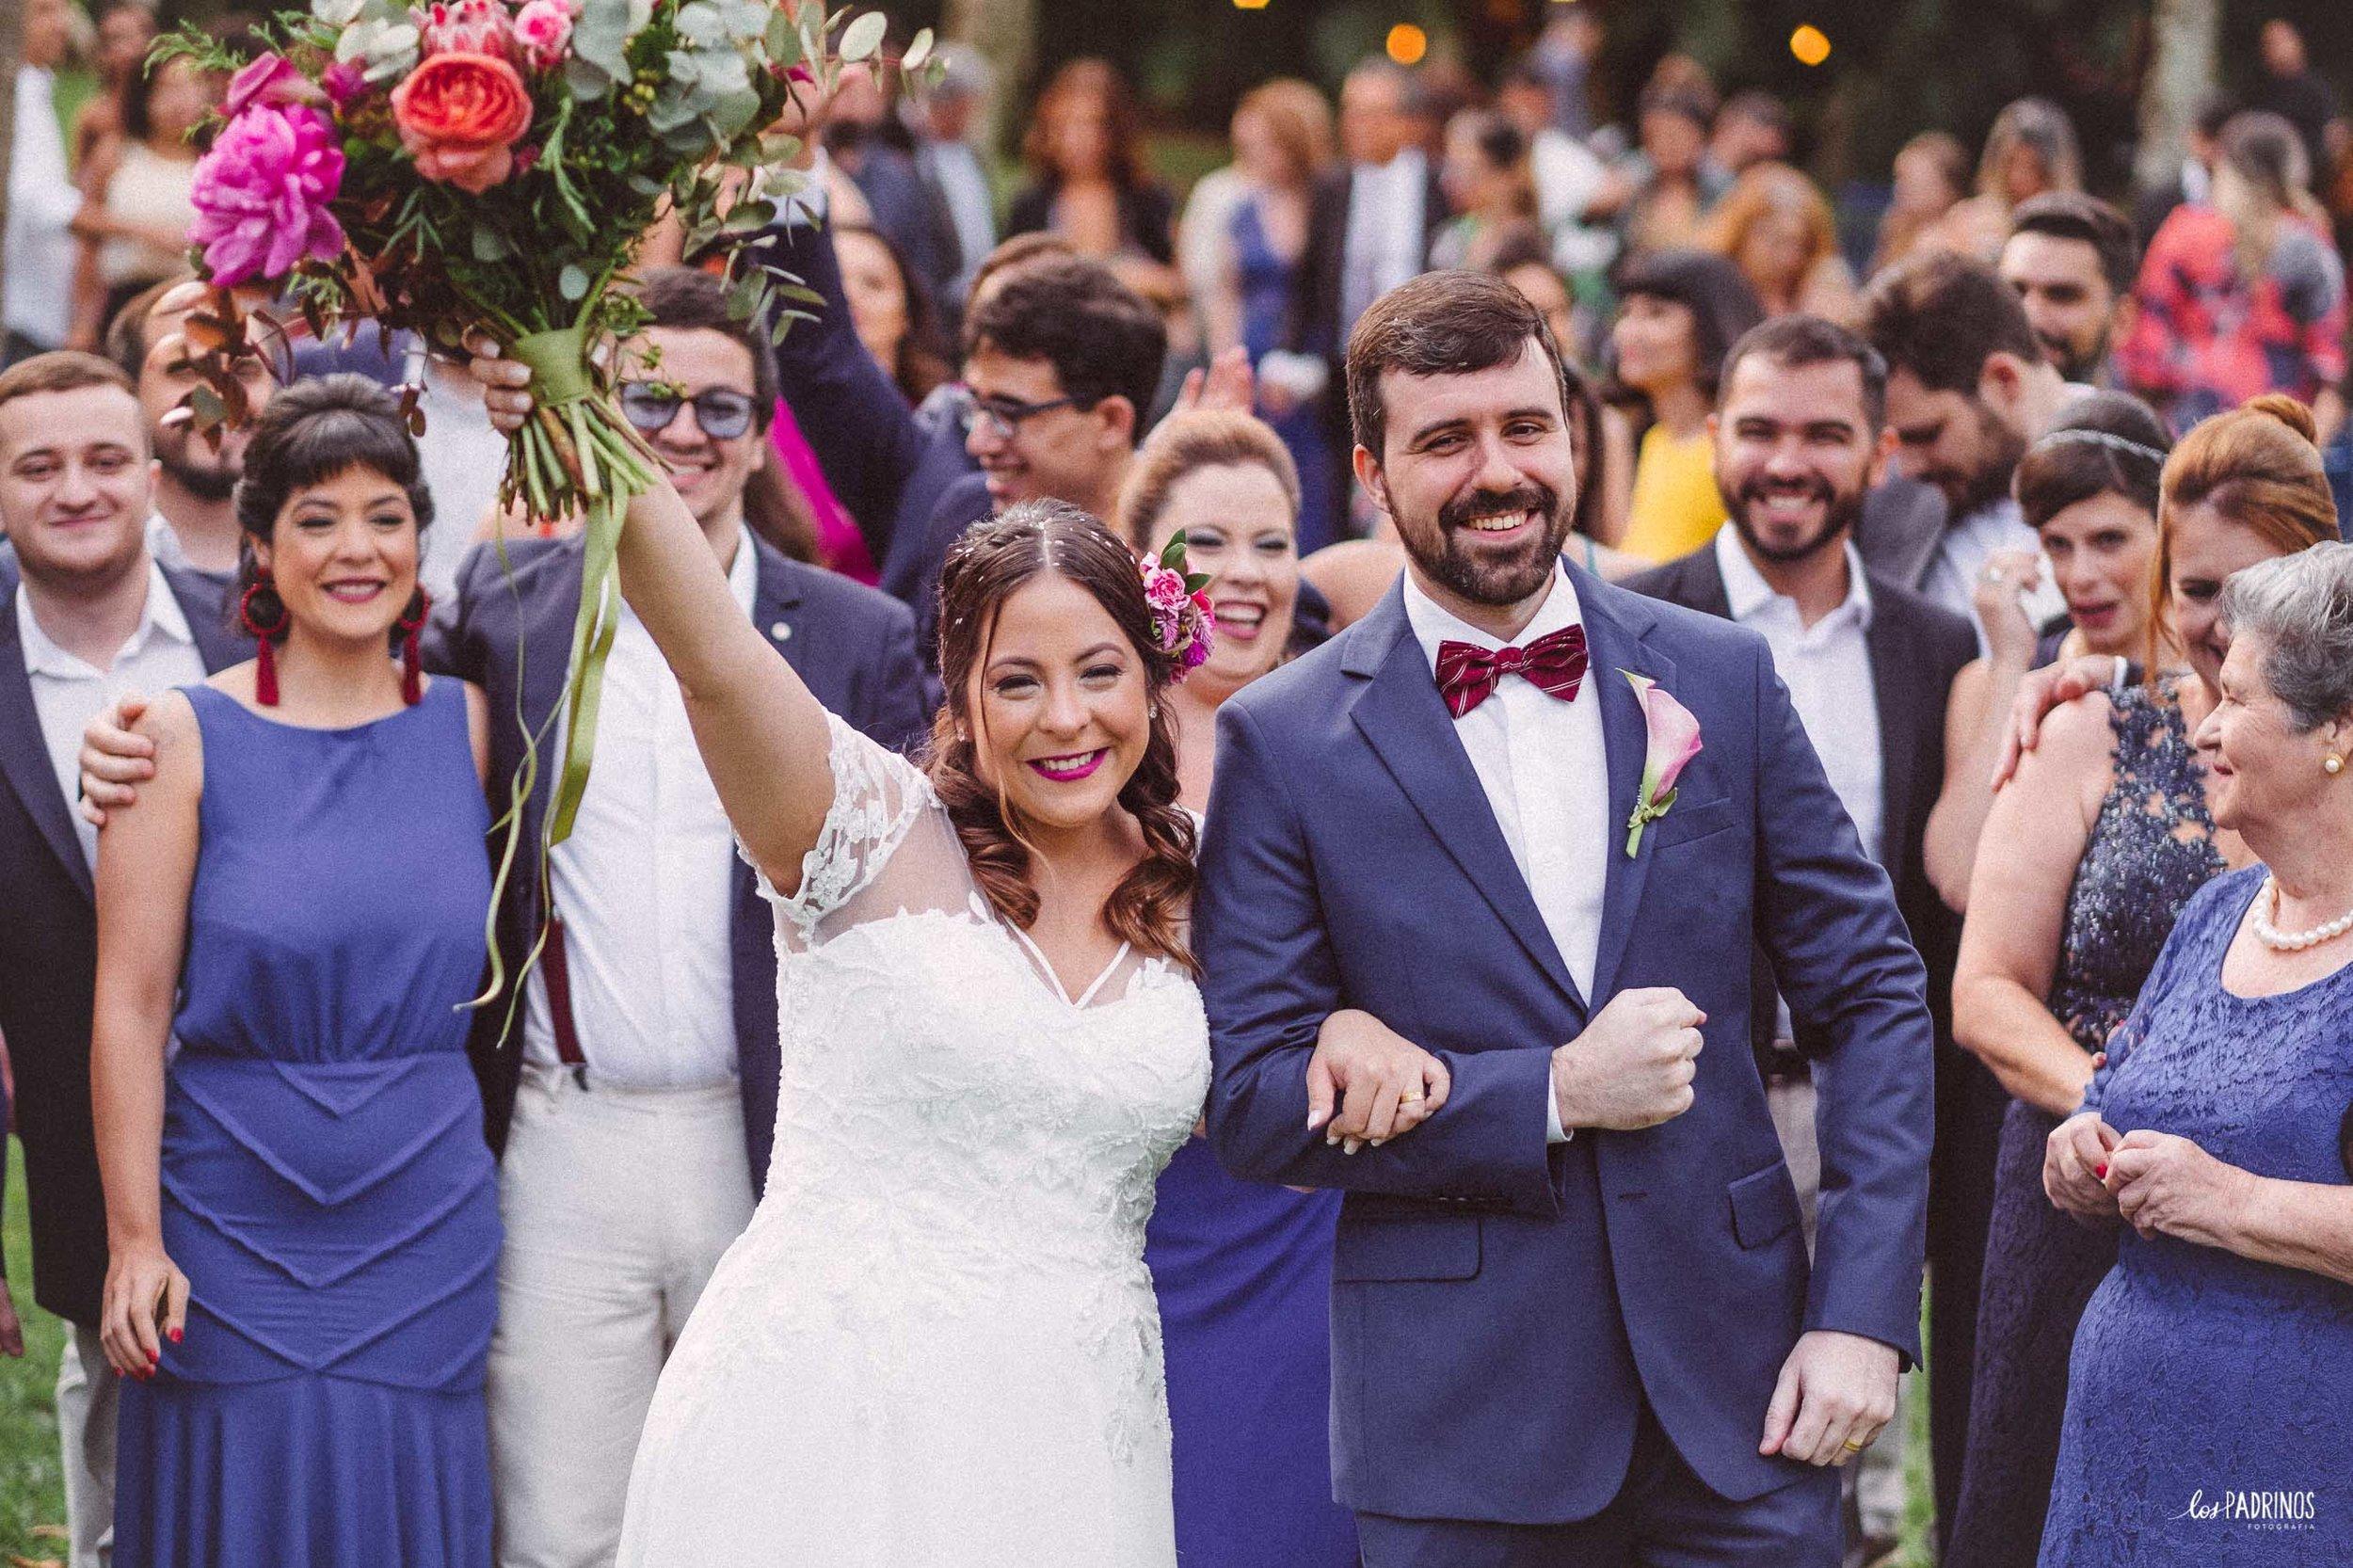 los-padrinos-fotografia-casamento-espaco-arcadia-soraia-roberto-renata-mario_0577.jpg